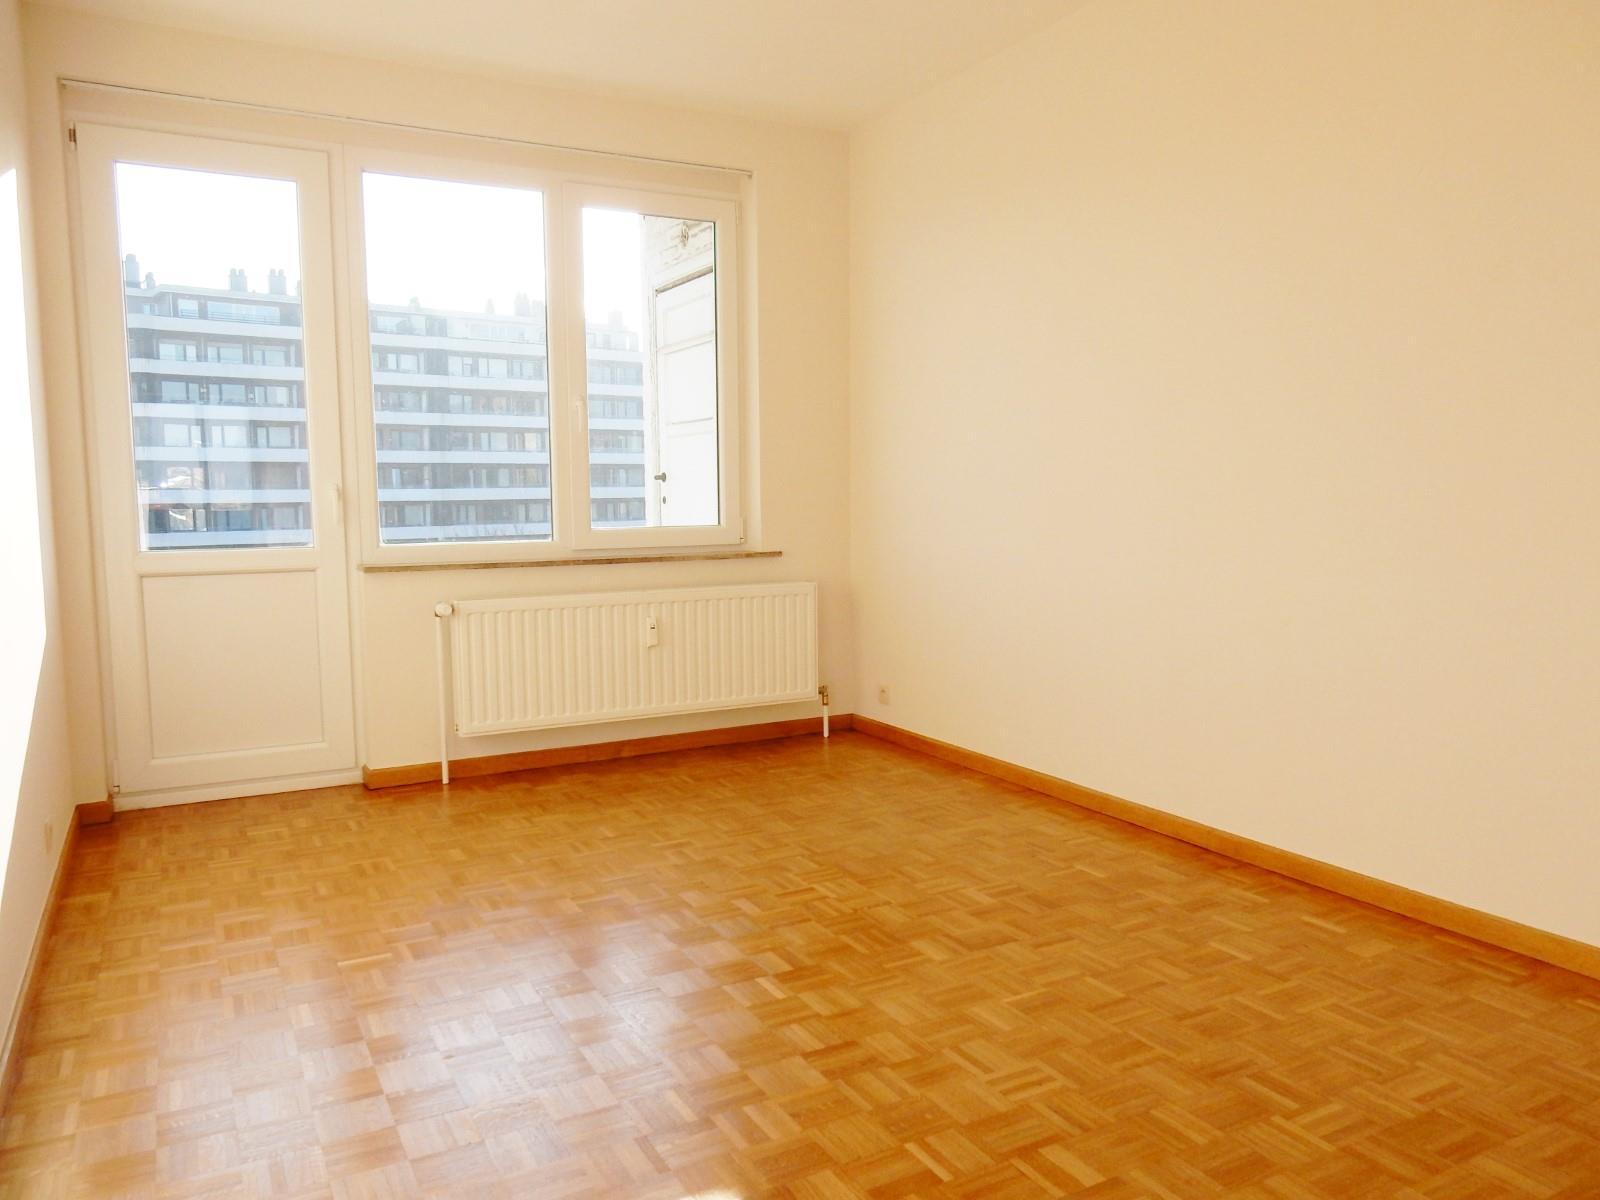 Flat - Schaerbeek - #3798122-8